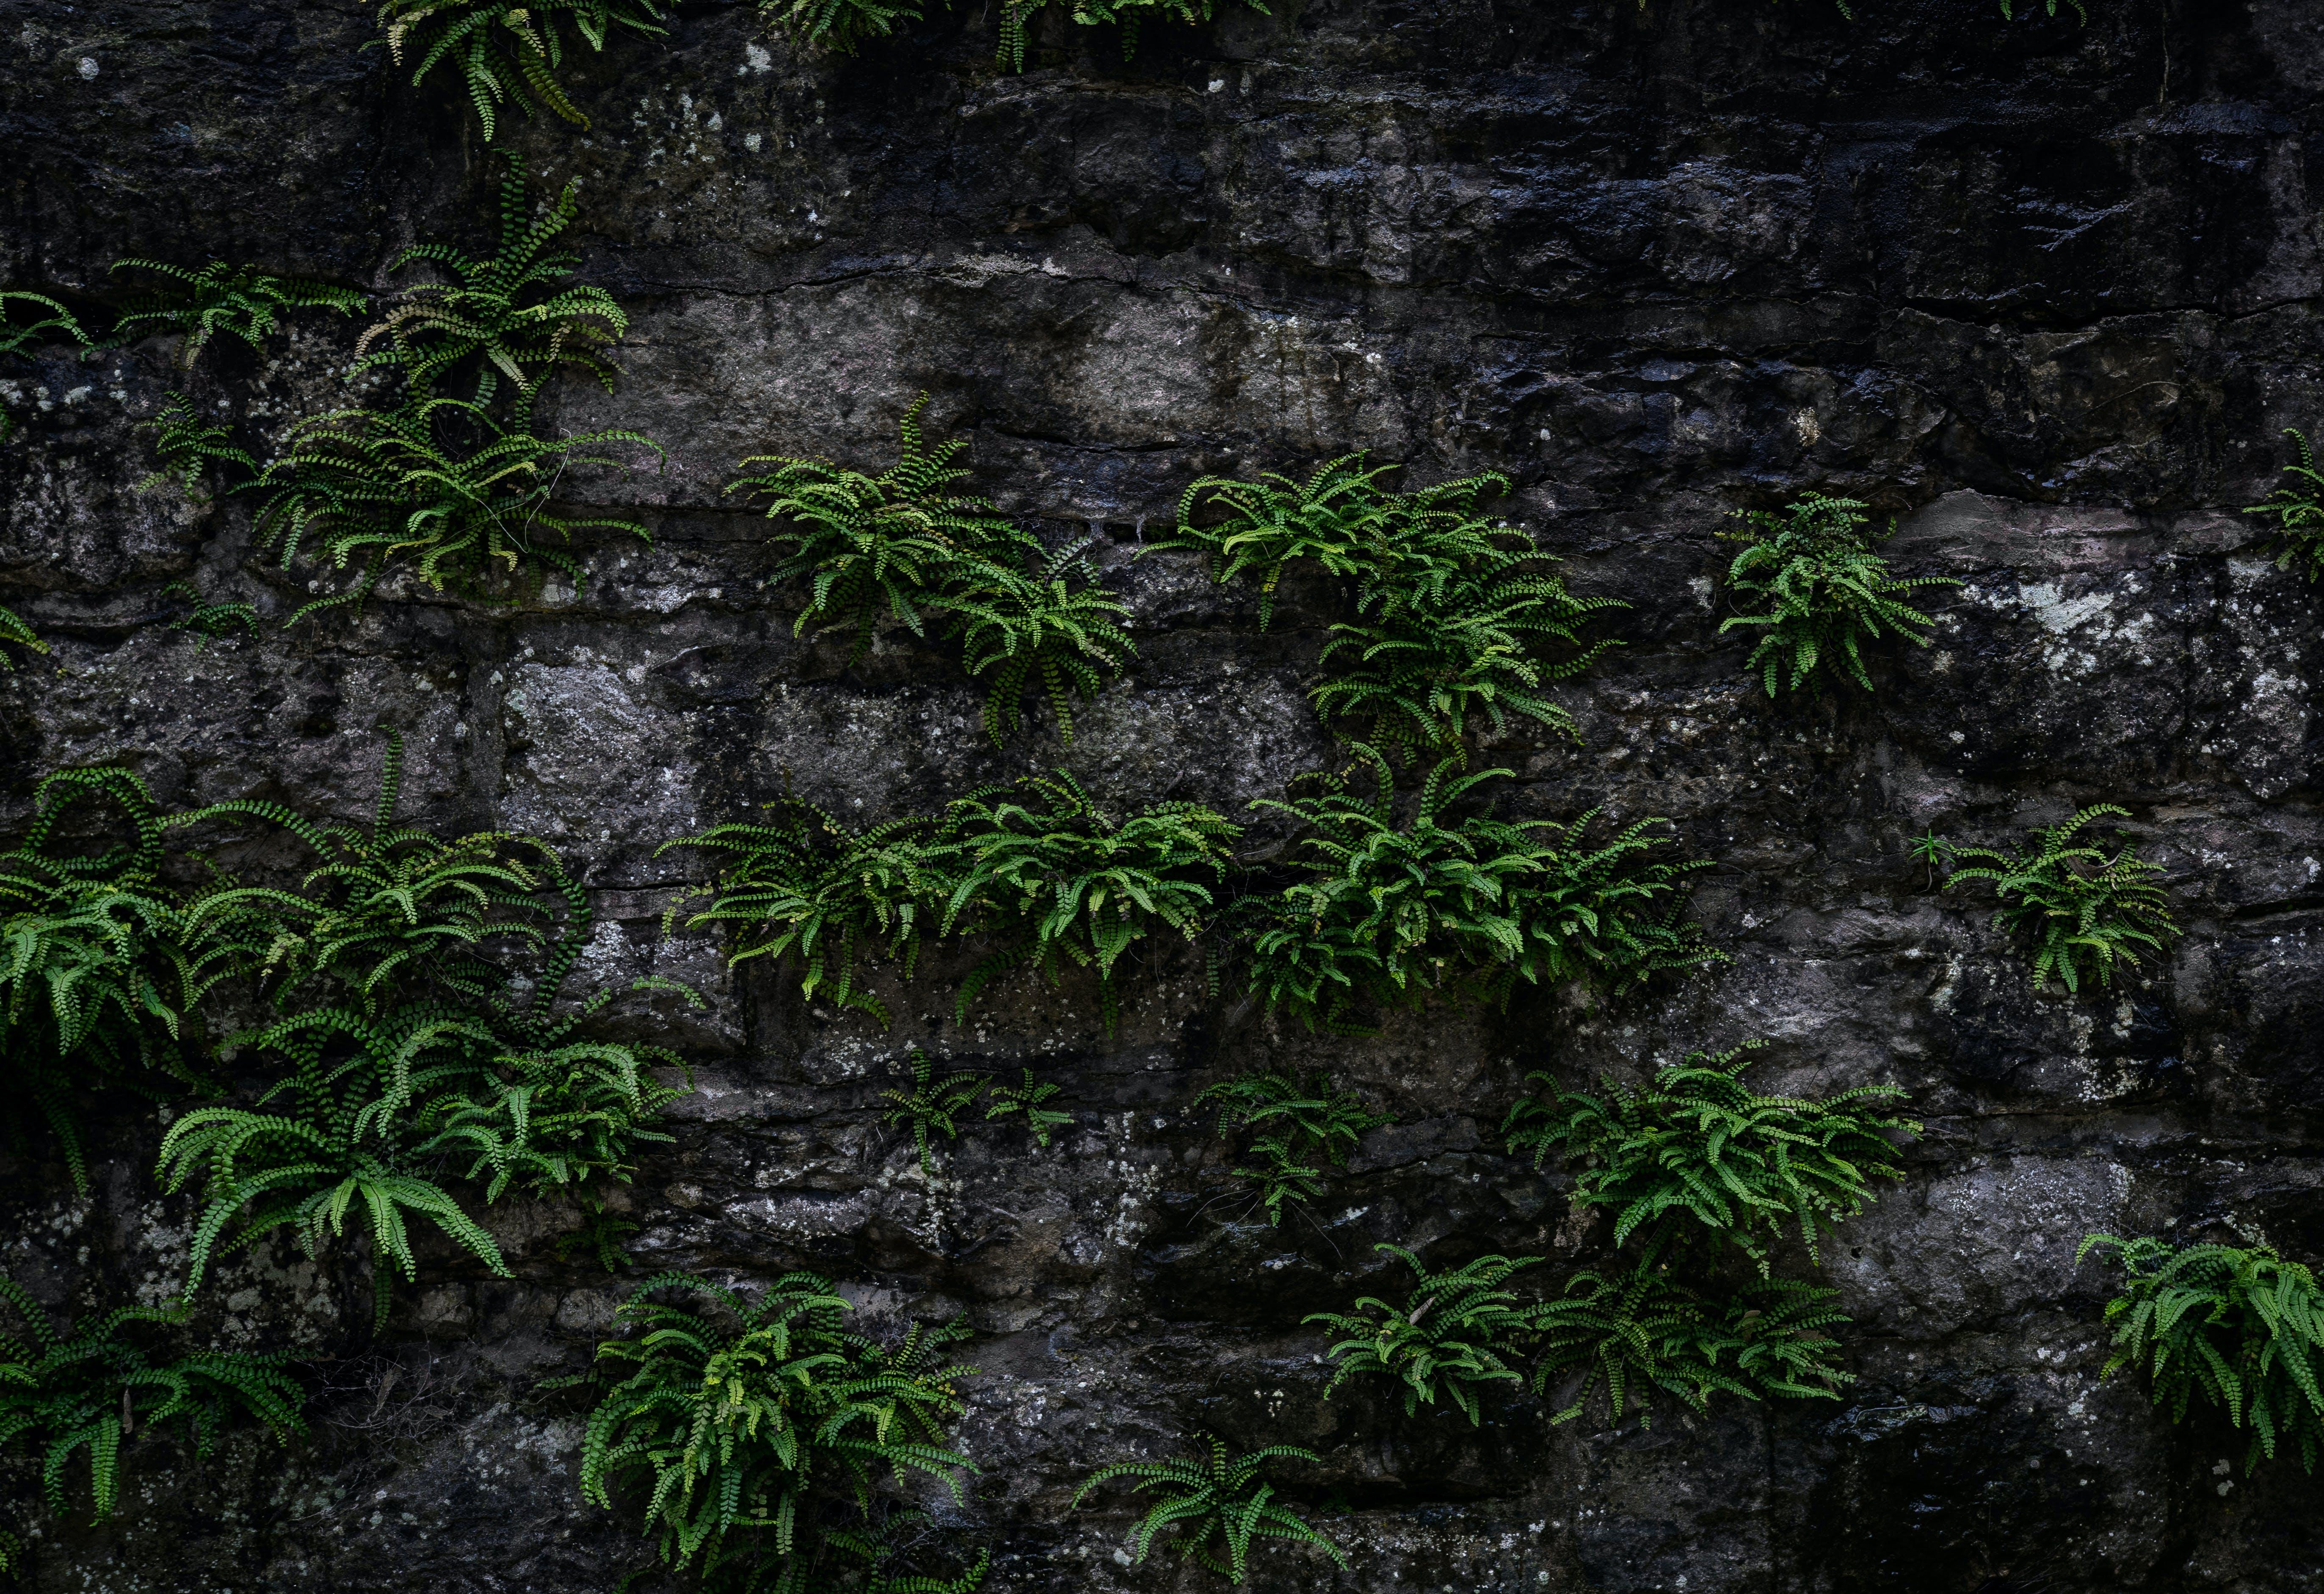 คลังภาพถ่ายฟรี ของ กลางวัน, การเจริญเติบโต, ทัศนียภาพ, ธรรมชาติ